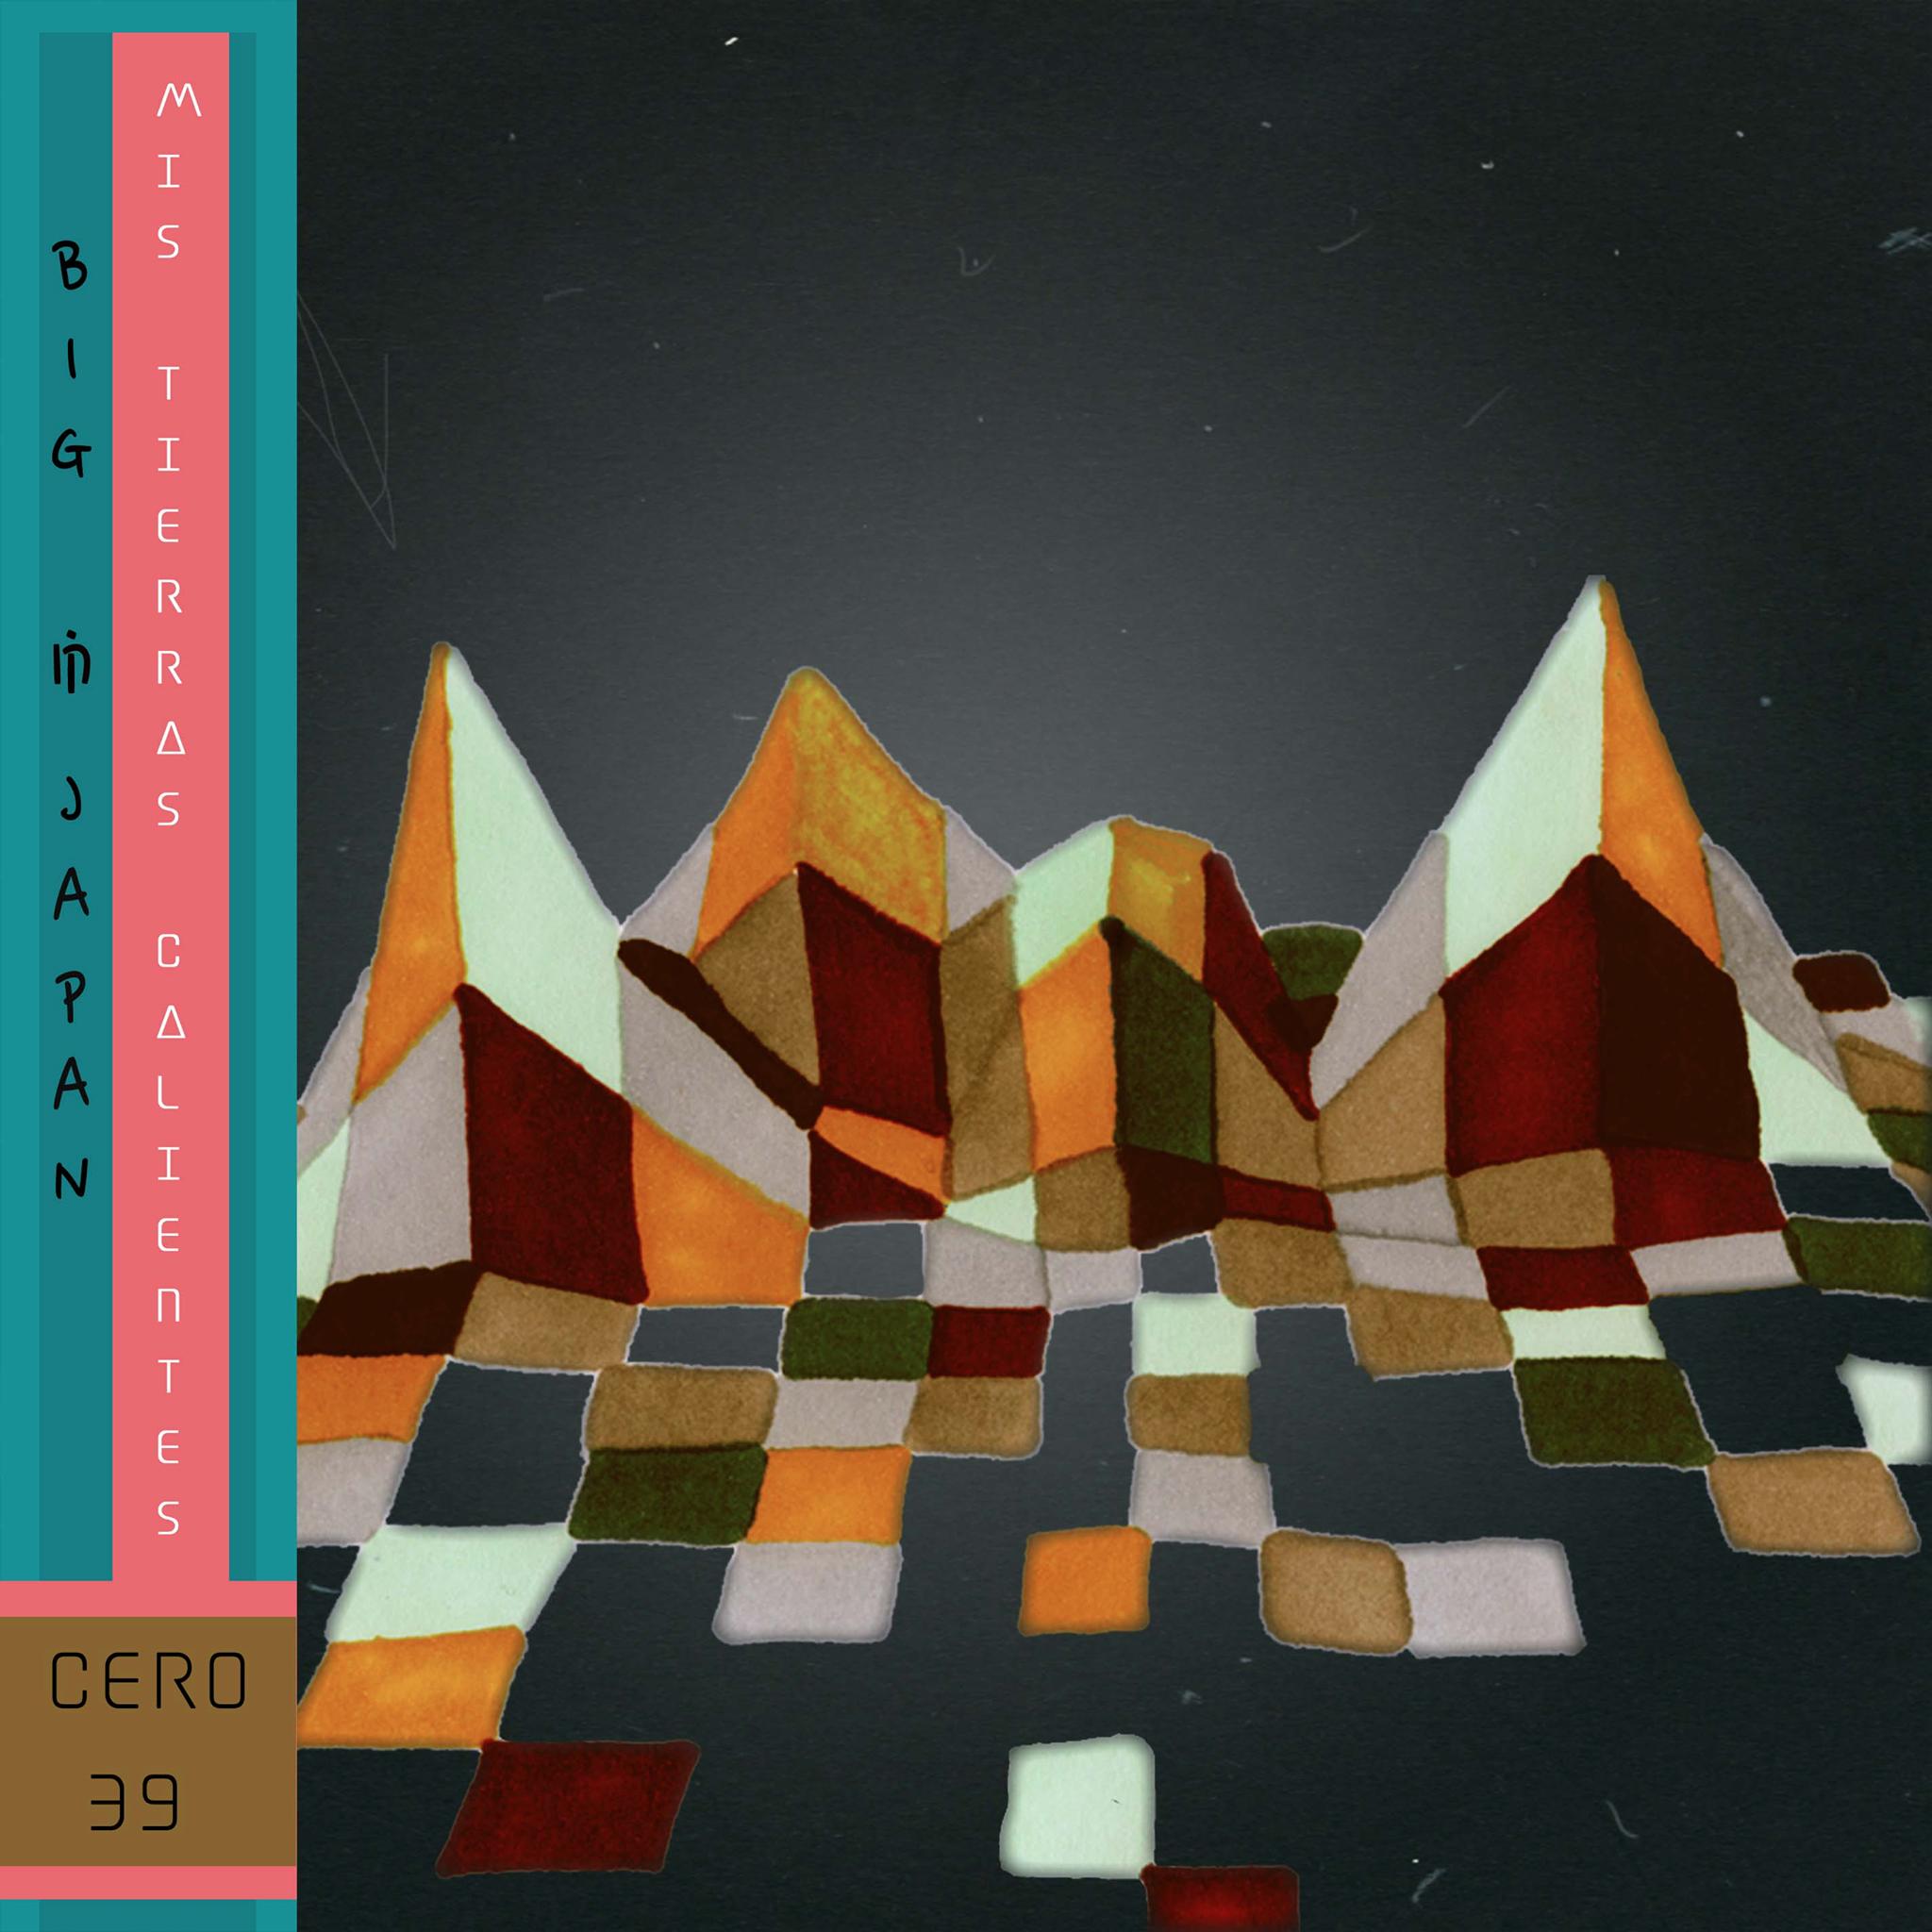 Mis Terras Calientes EP    Cero39